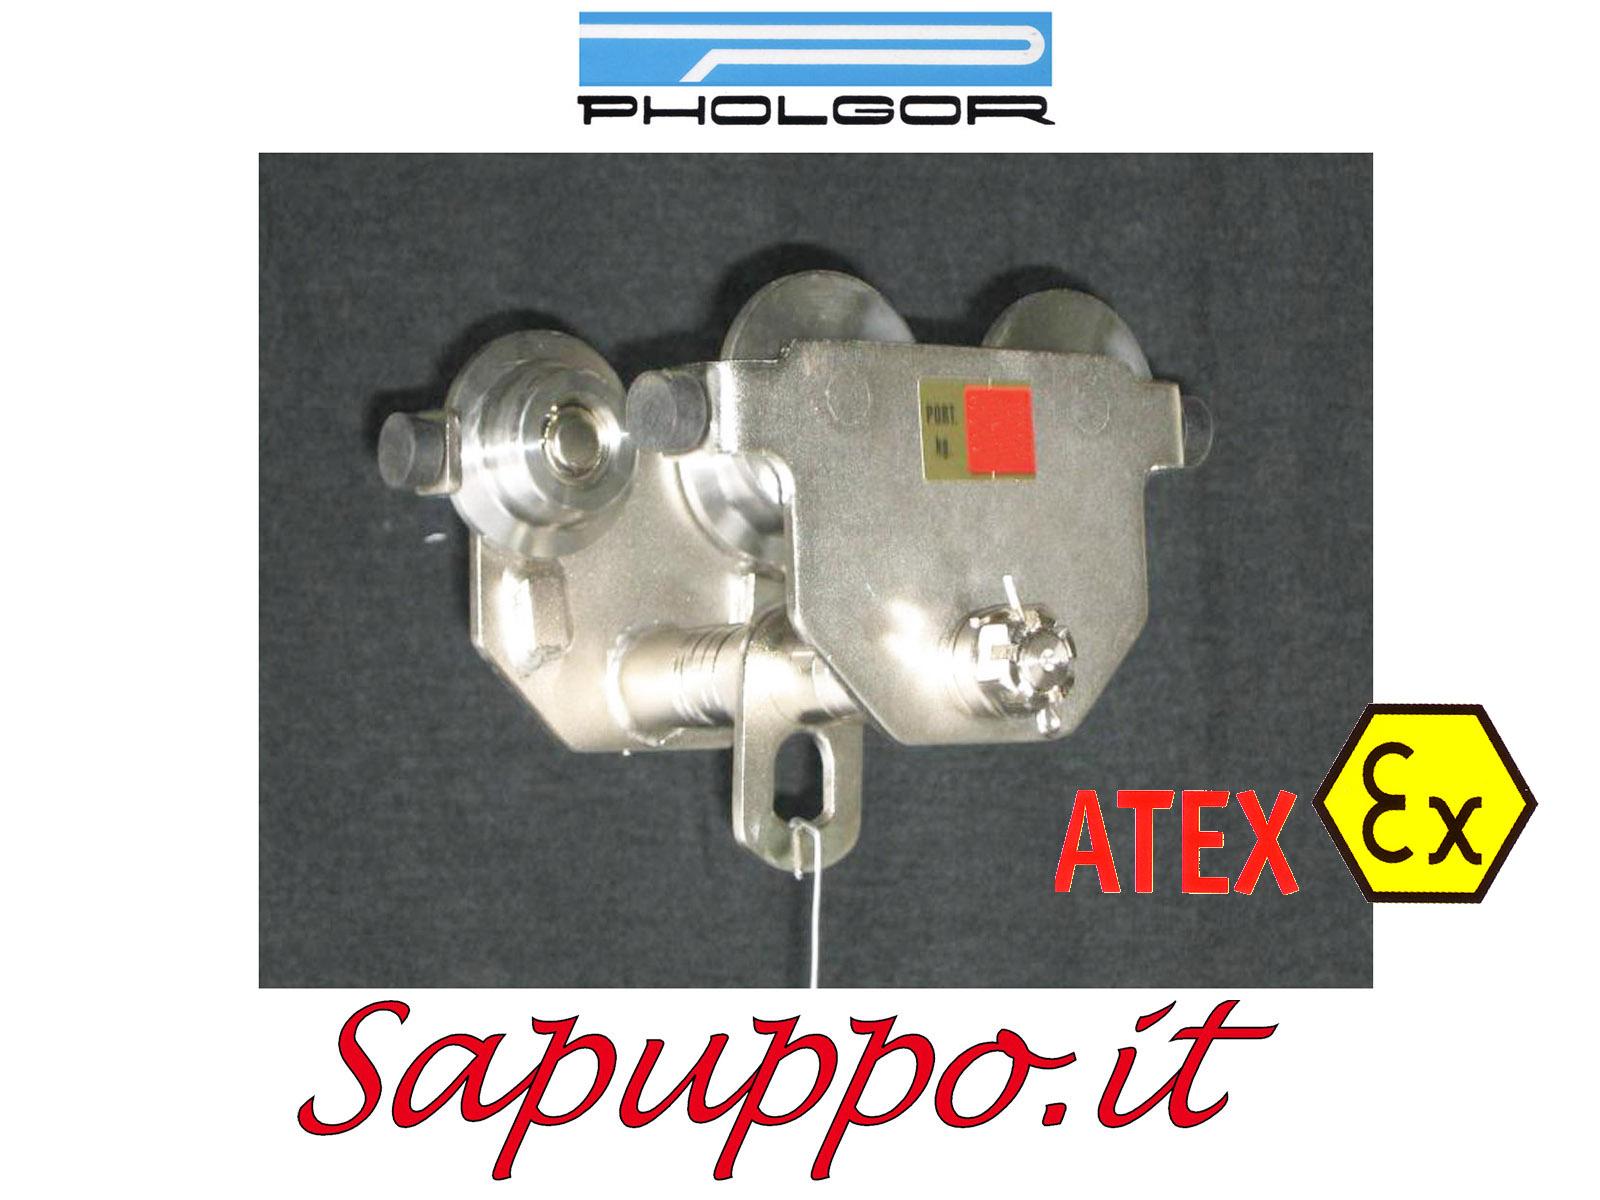 SC-ATEX - Carrello portaparanco a spinta tipo SC versione speciale ATEX